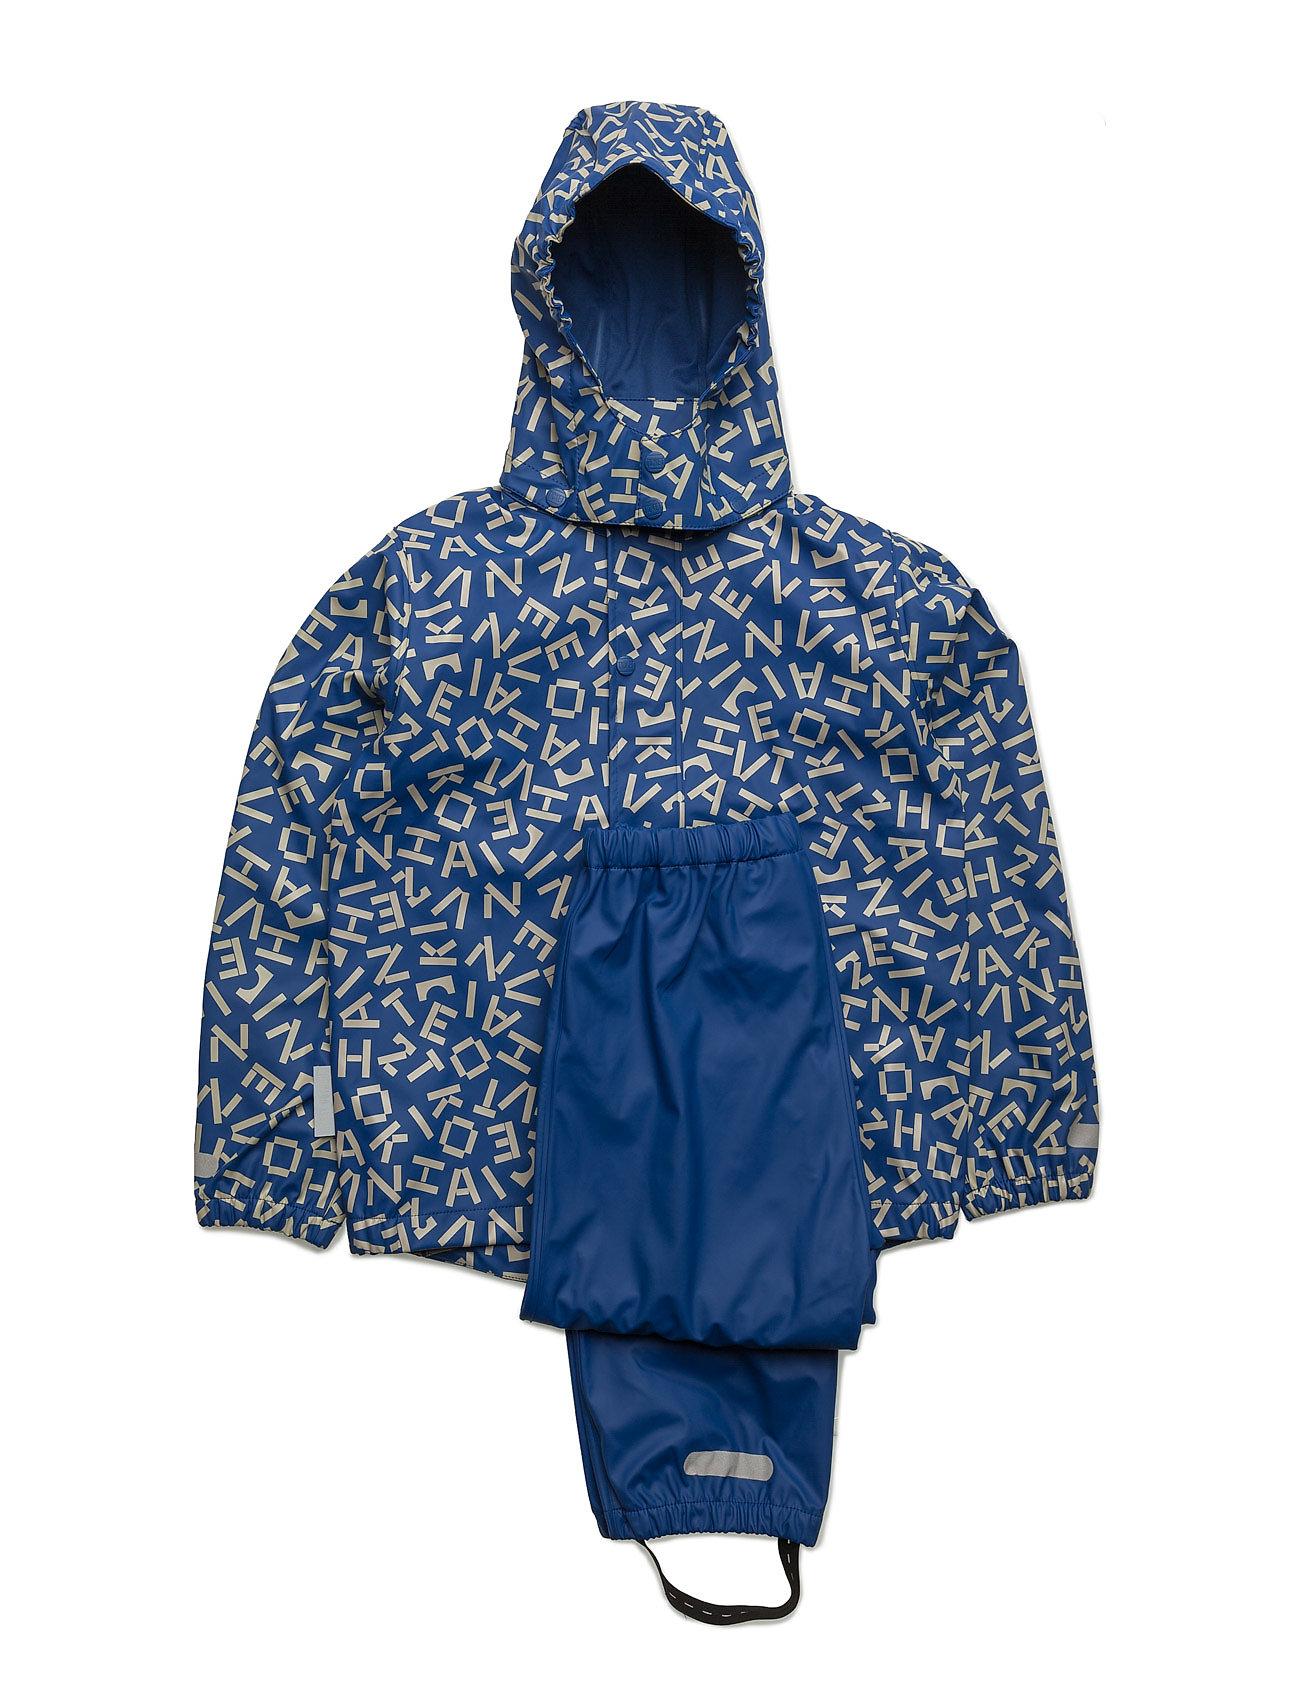 Rain Set 2pcs Rubber With Detachable Hood Allover Ticket to Heaven Overtøj til Børn i